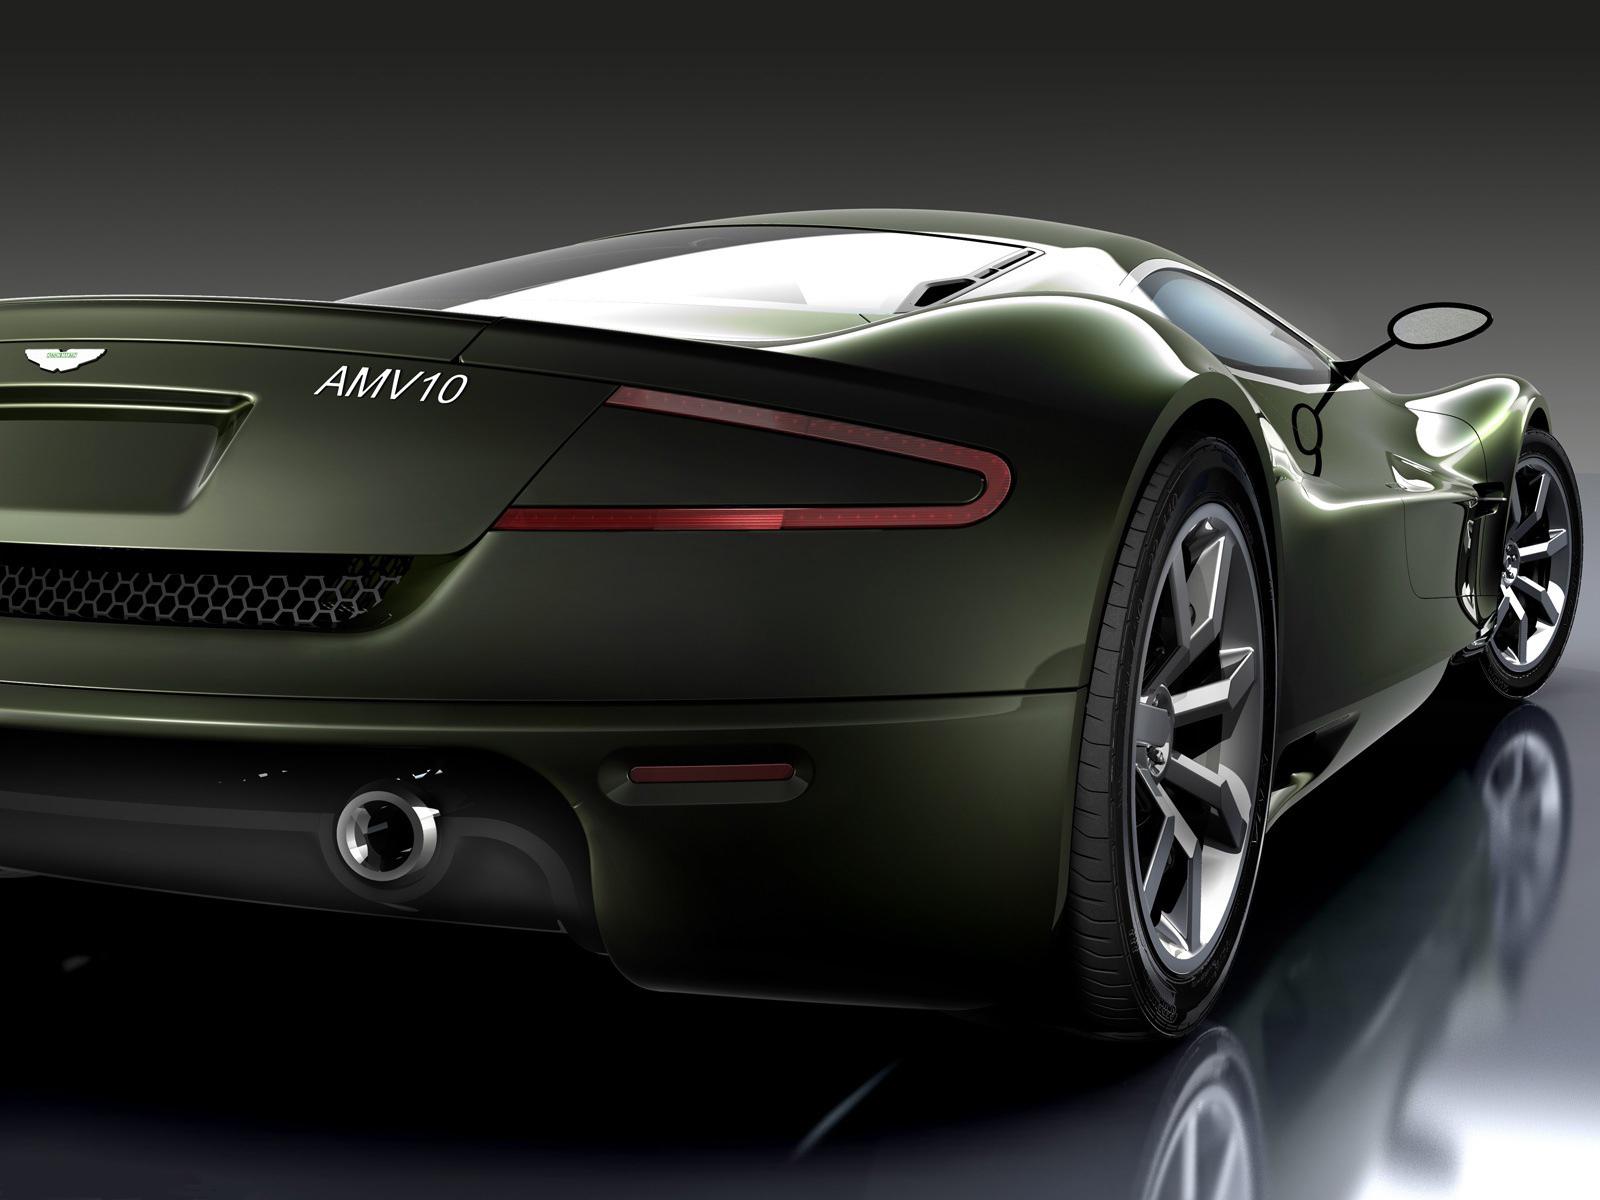 10292 скачать обои Транспорт, Машины, Астон Мартин (Aston Martin) - заставки и картинки бесплатно